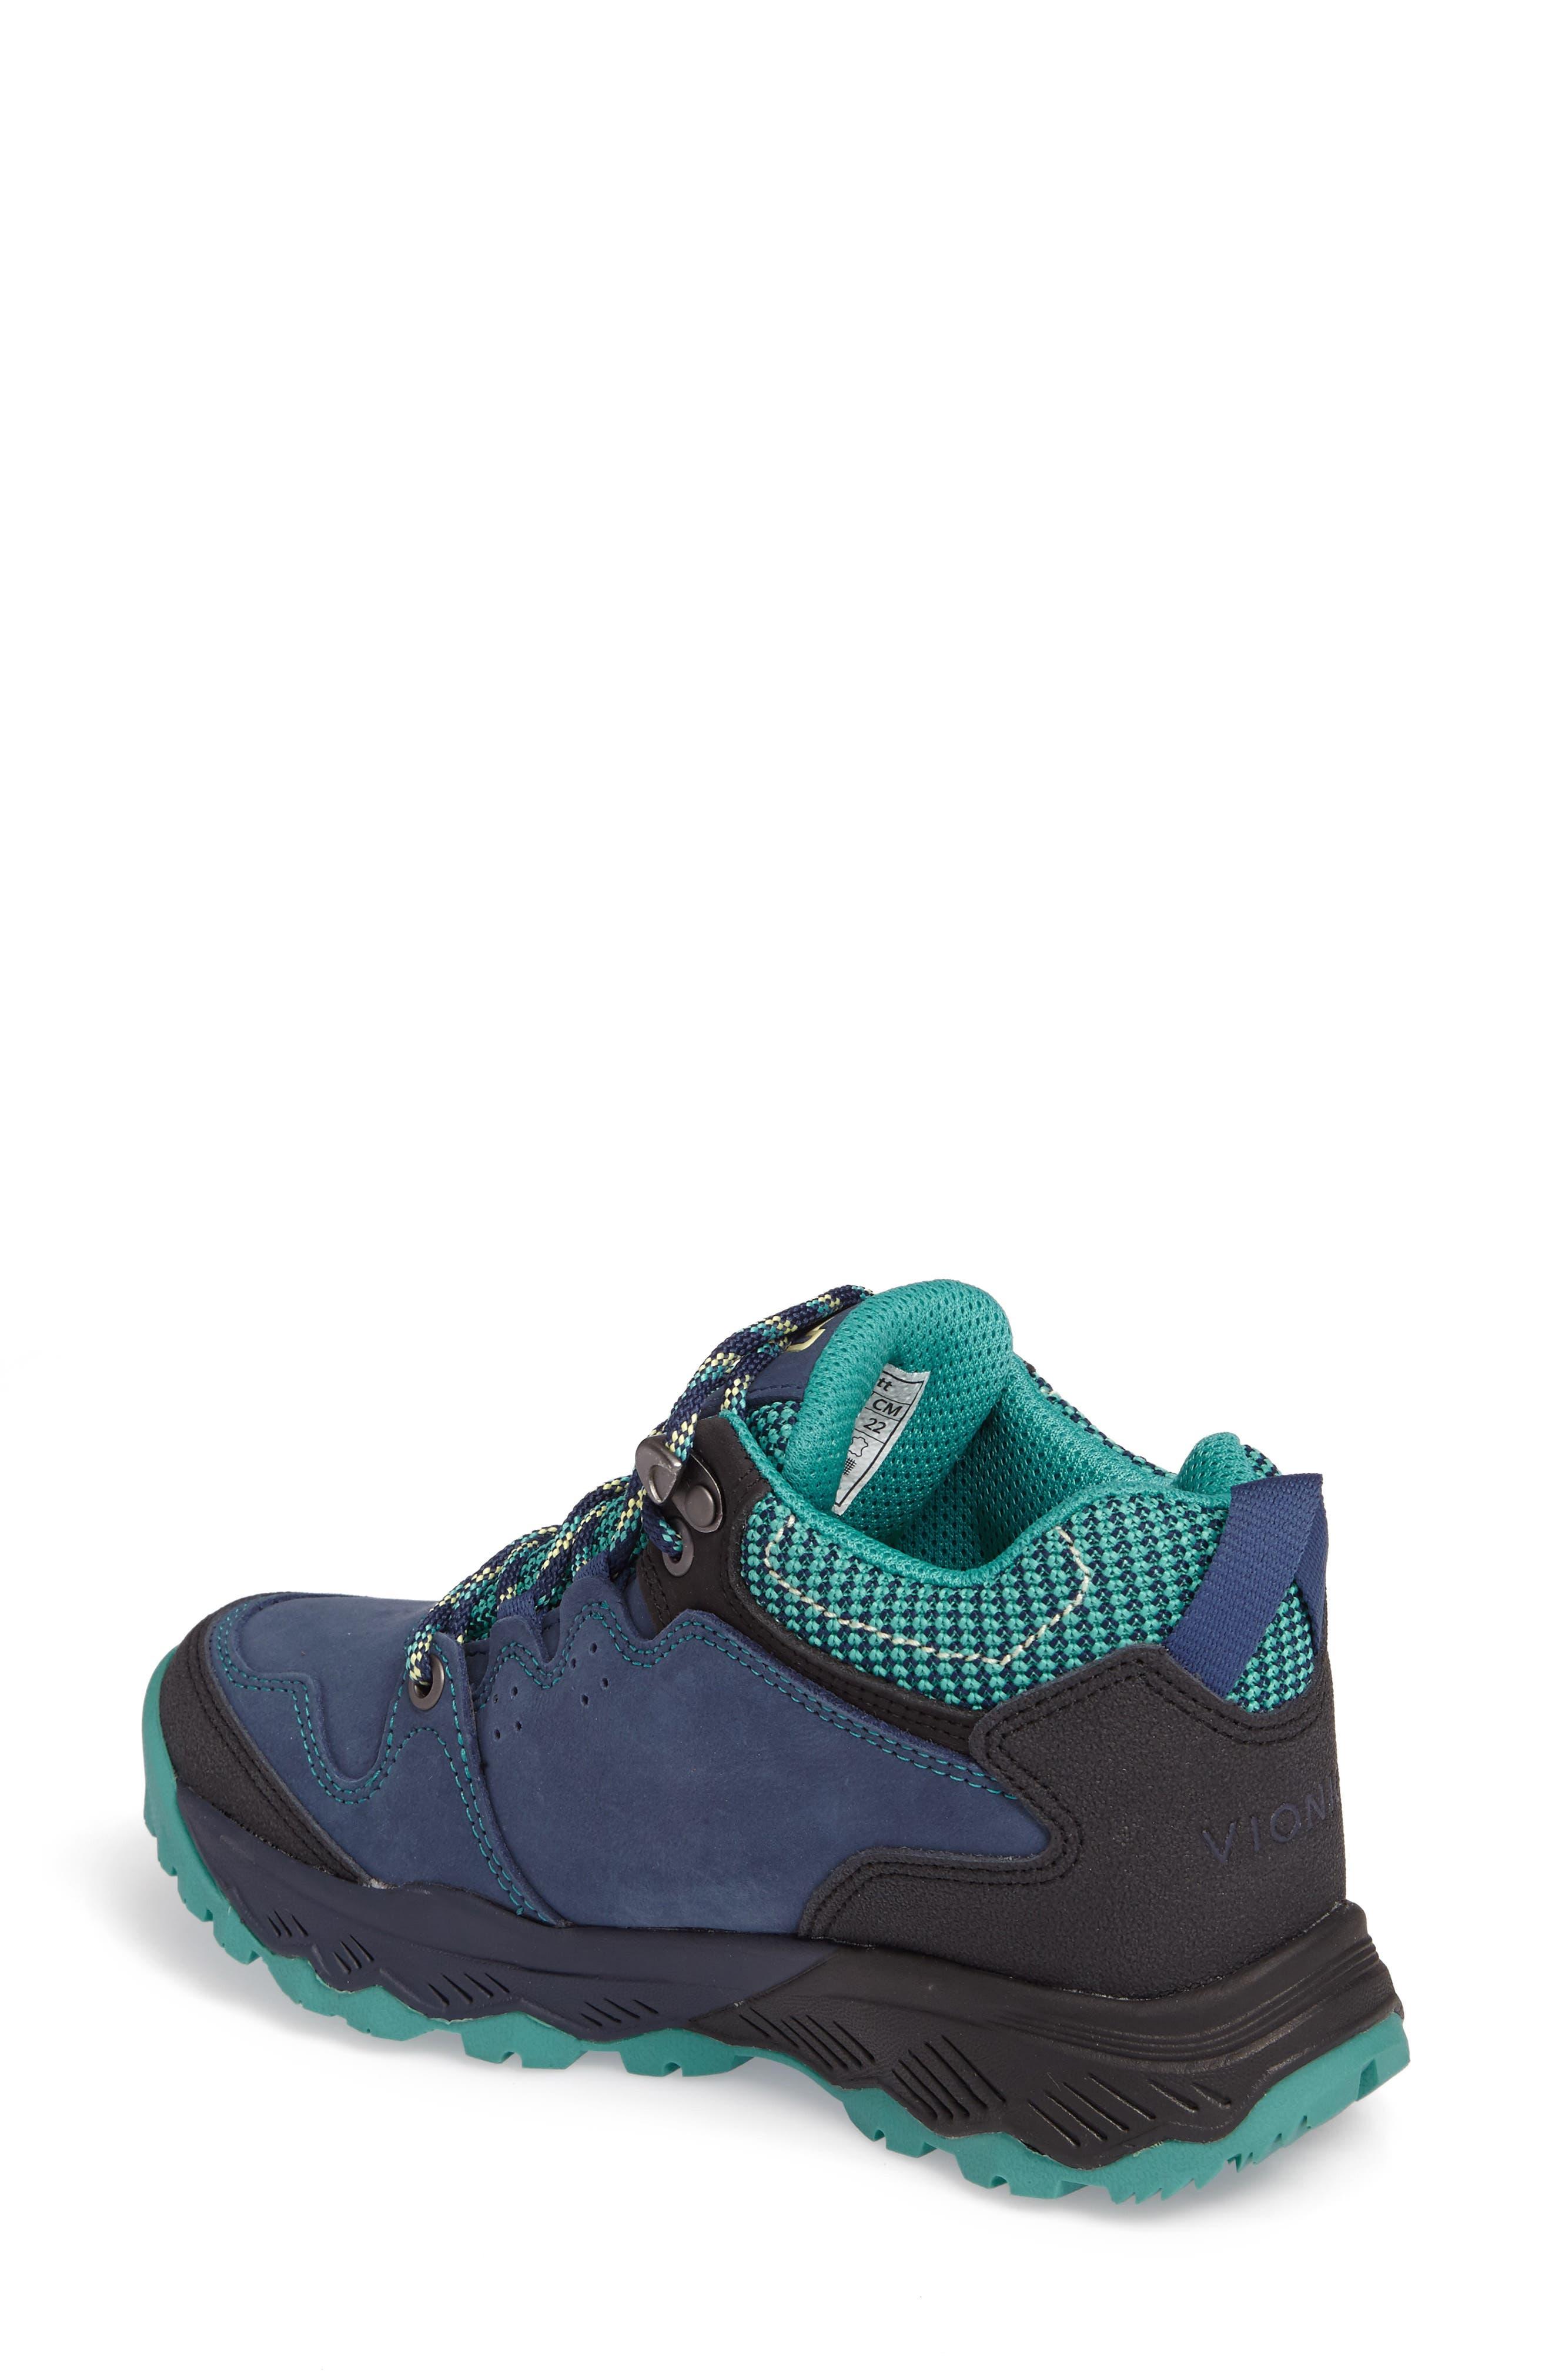 Everett Hiking Shoe,                             Alternate thumbnail 6, color,